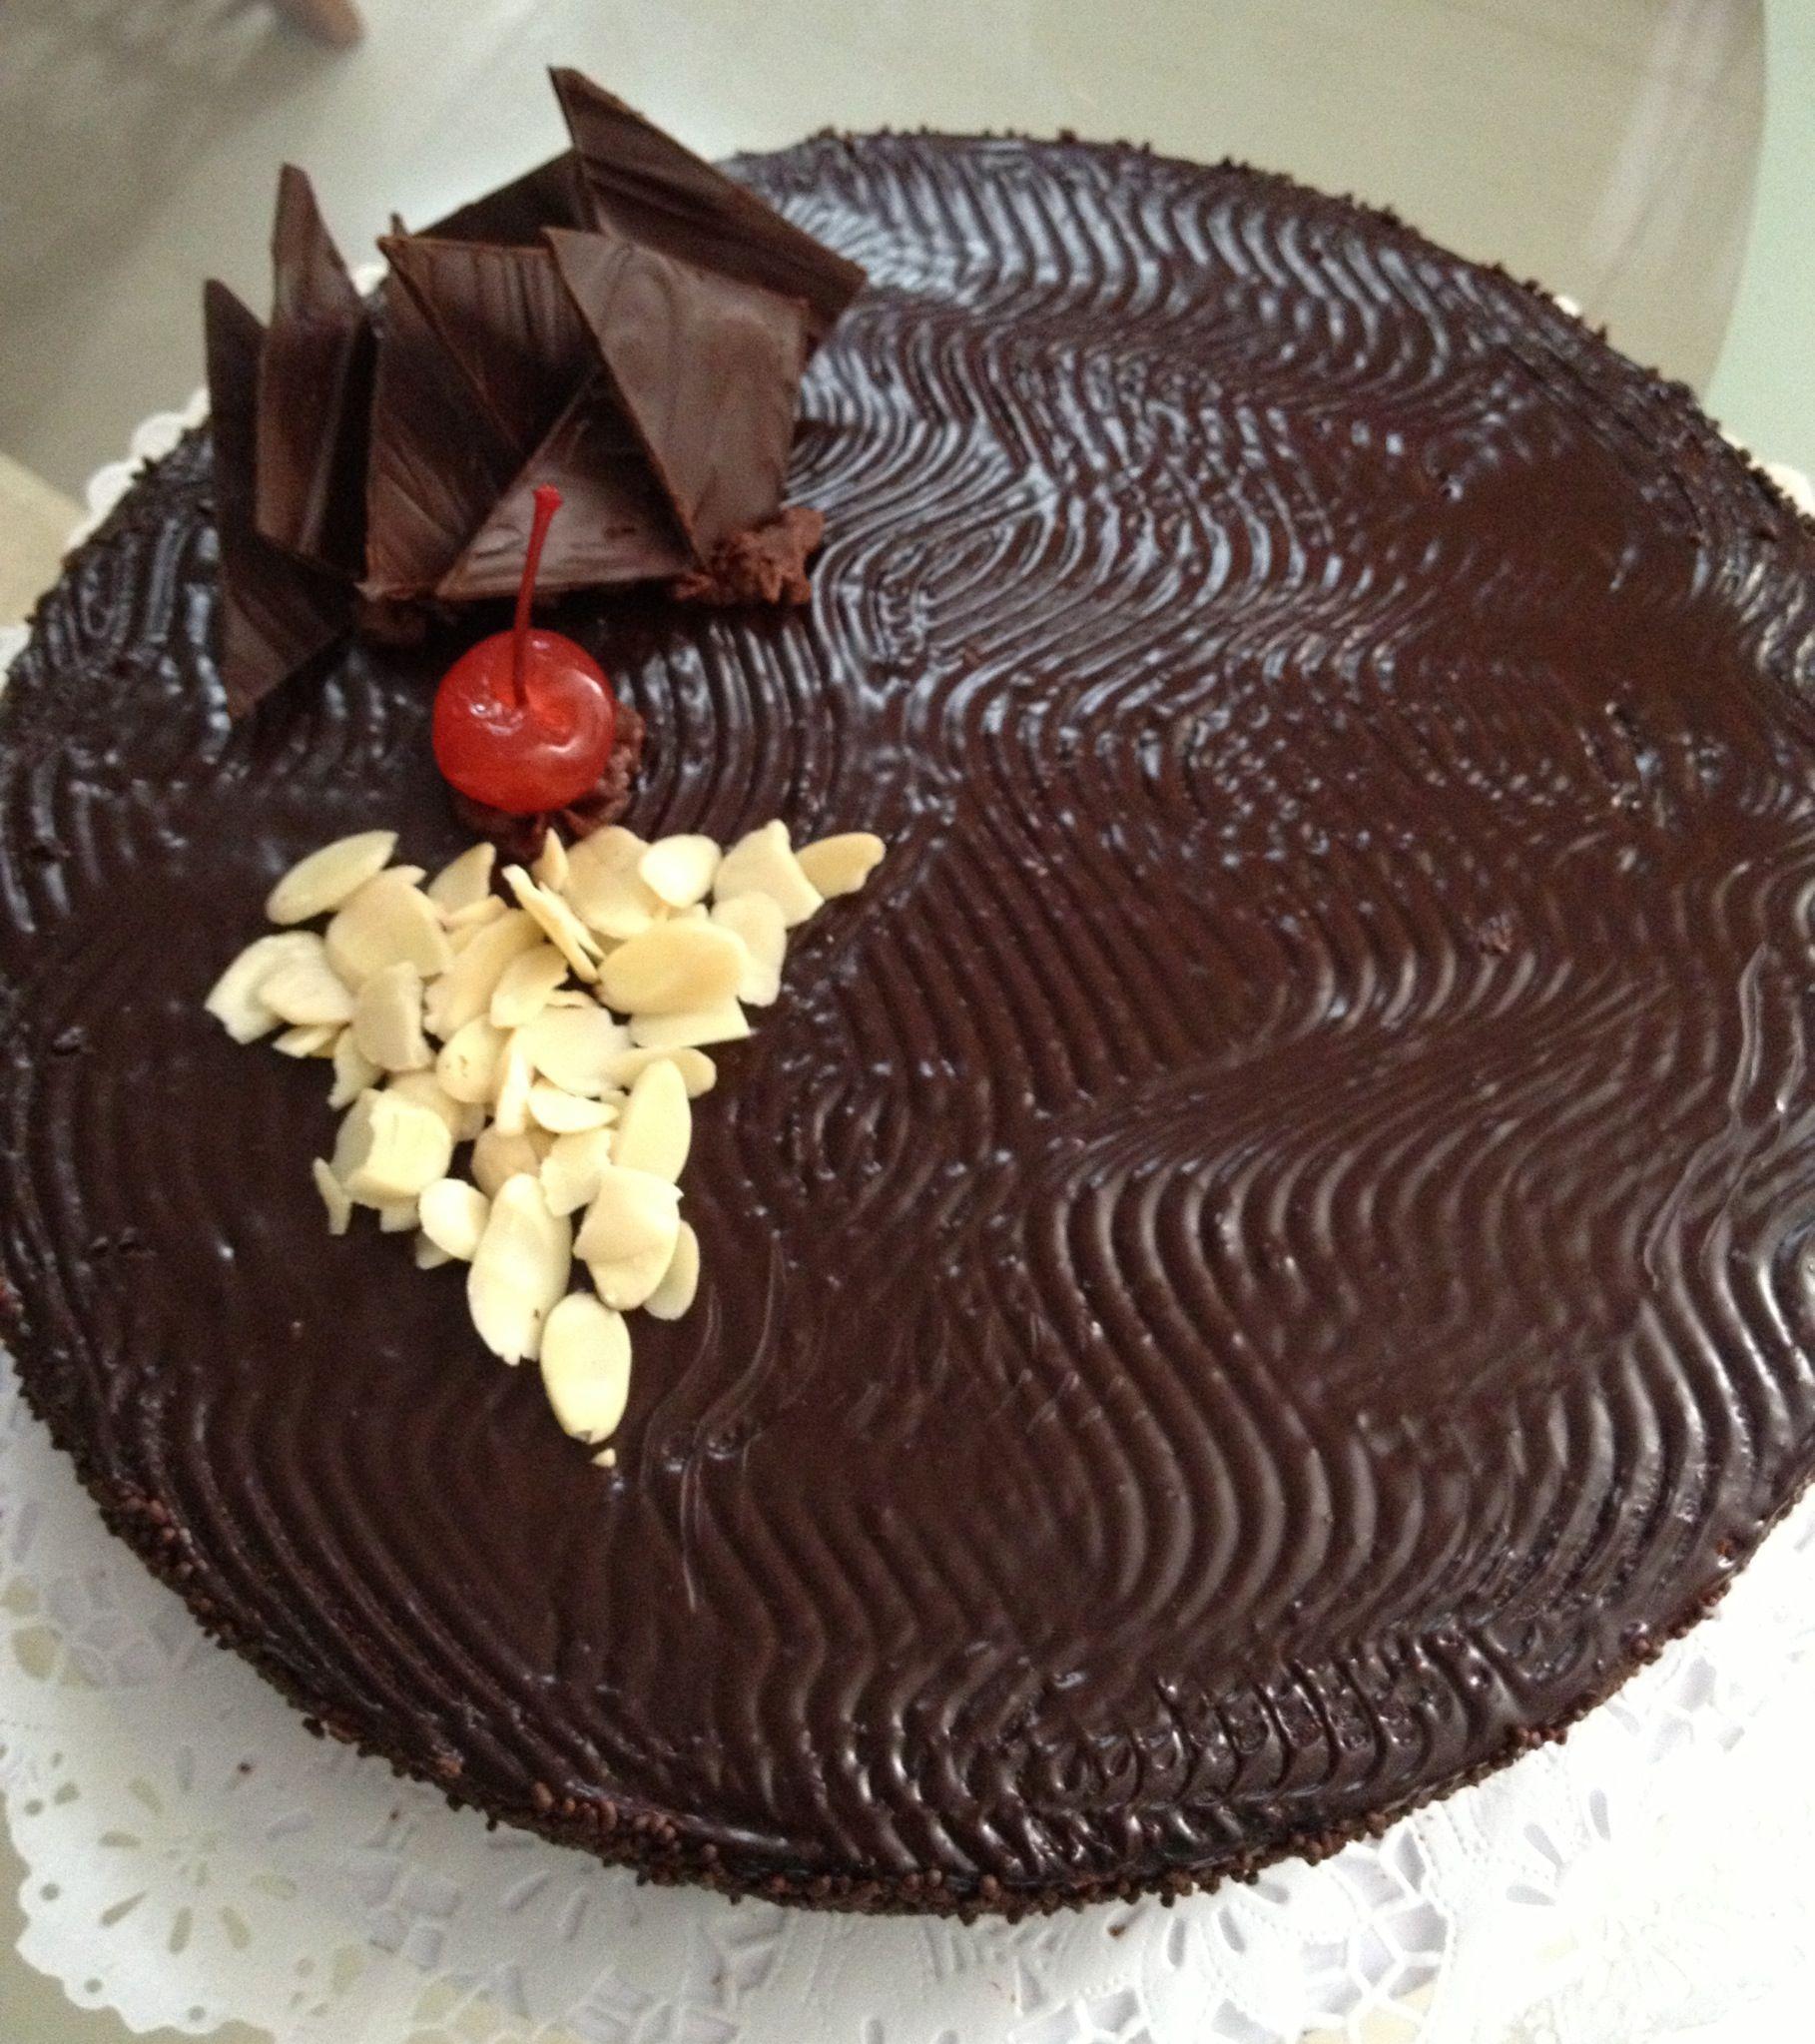 Tortas de chocolate, decorado con cerezas y almendras ...